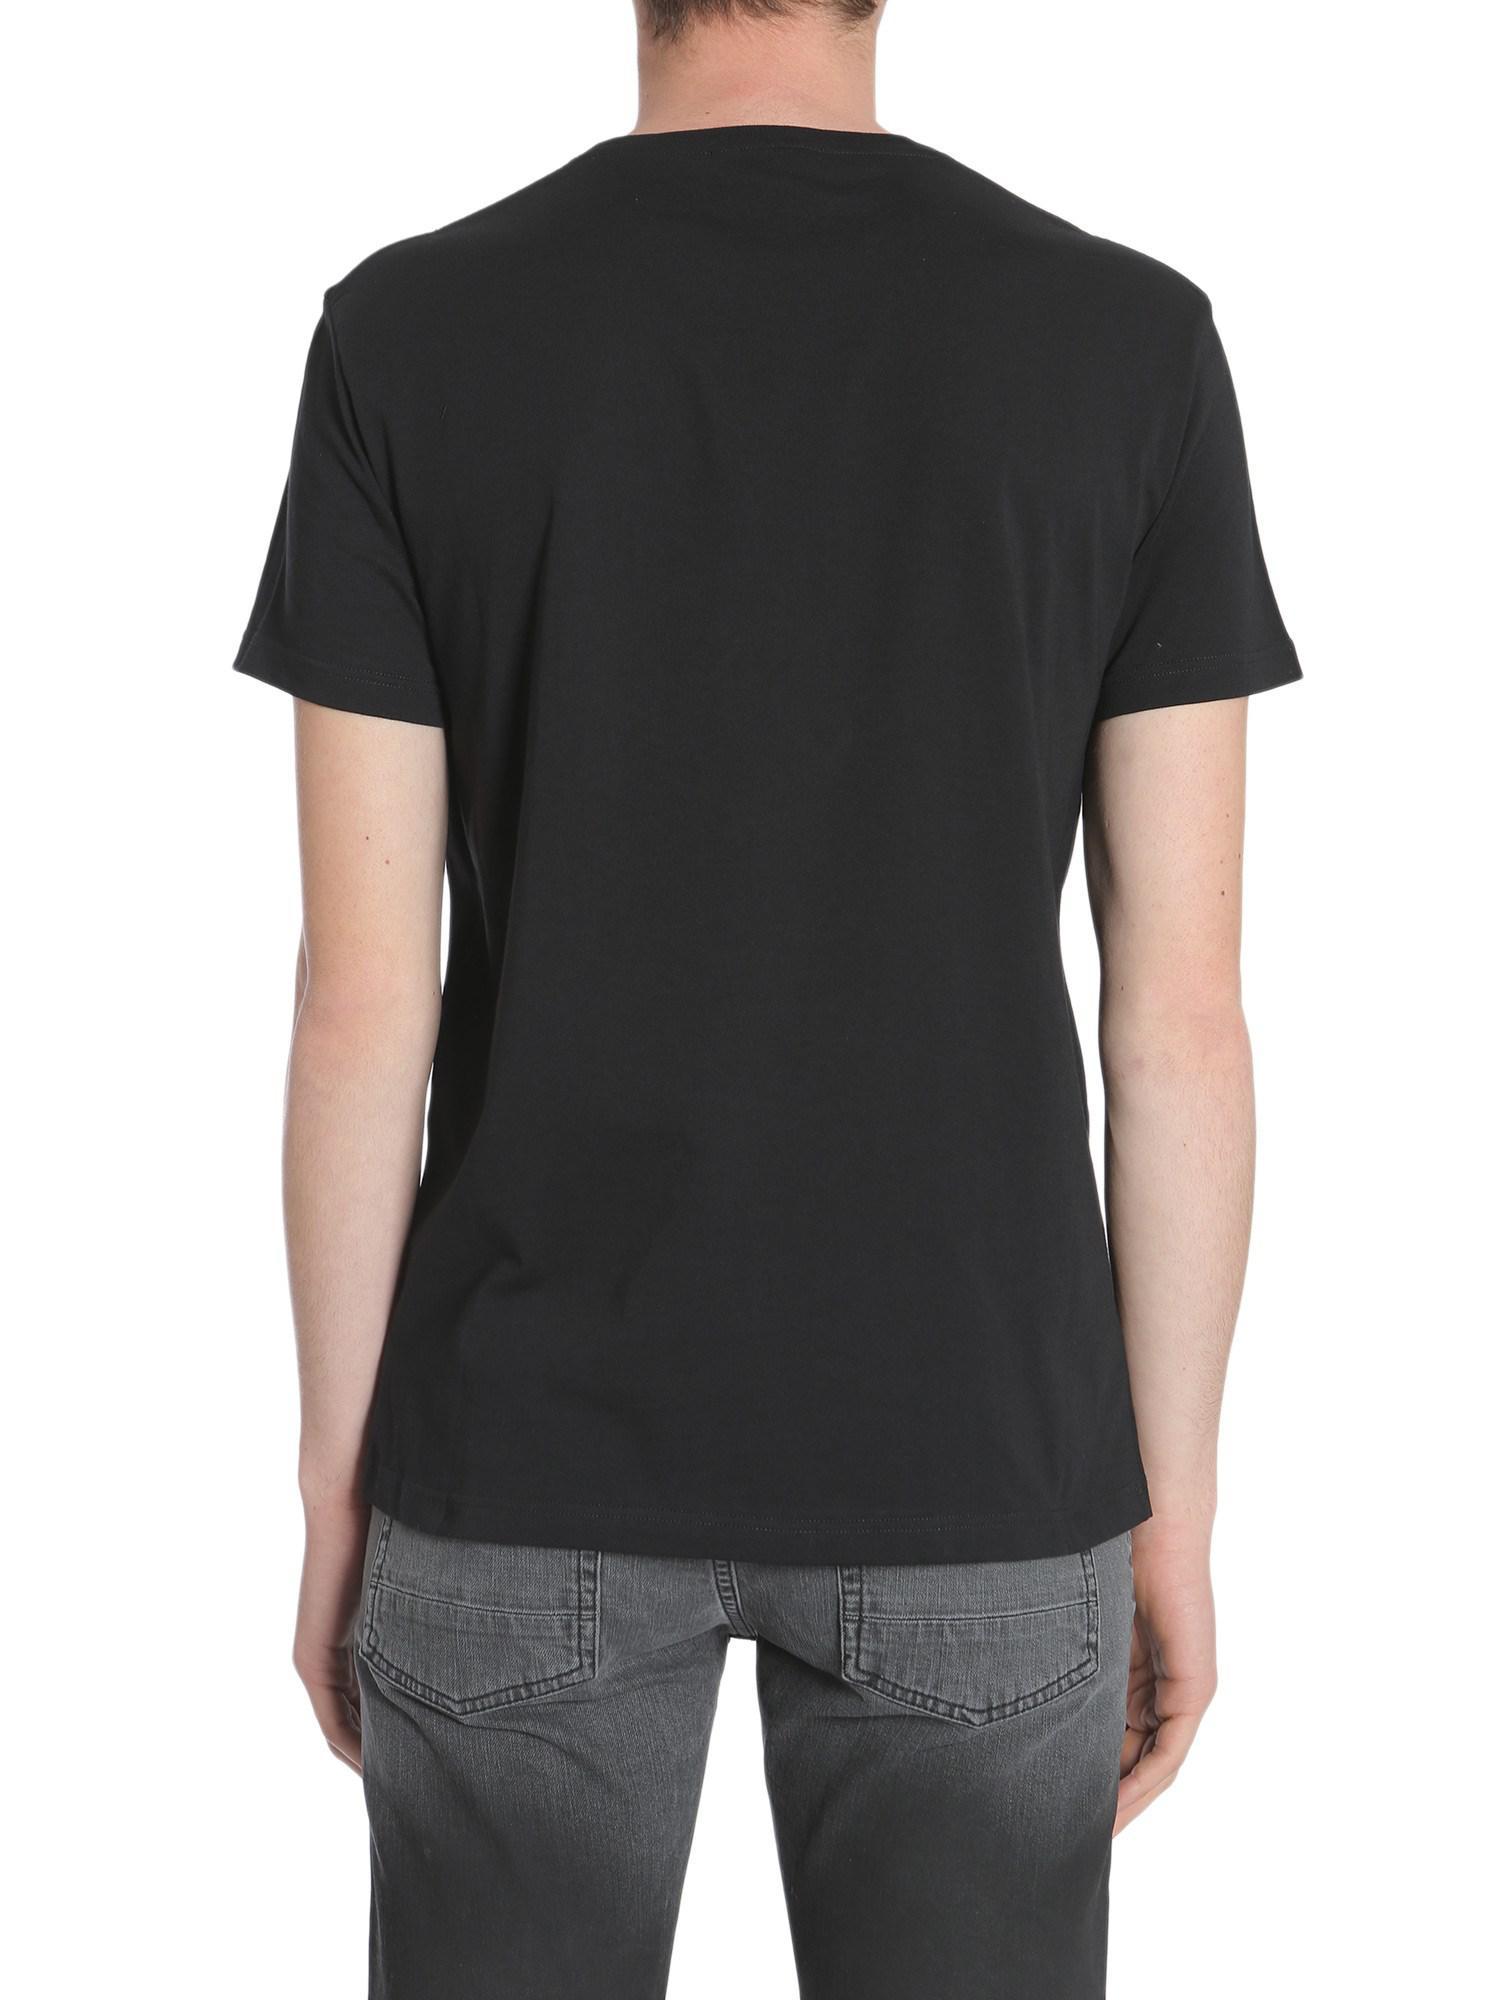 Black Dancing Skeleton T-Shirt Alexander McQueen Browse Online Exclusive 2ebEDOKqk